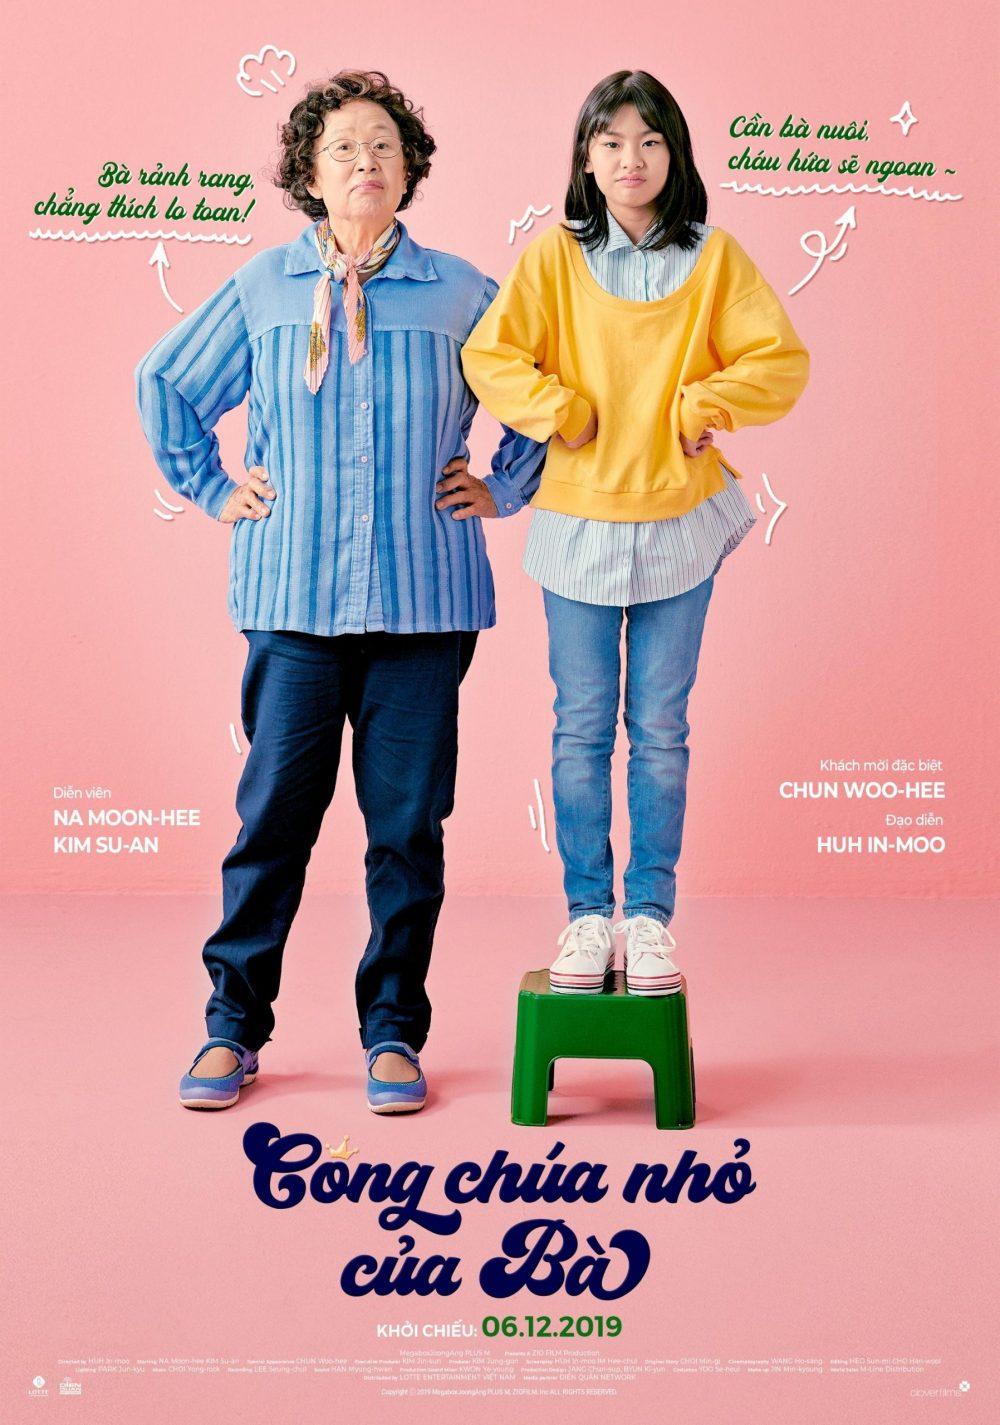 phim lẻ Hàn Quốc hay nhất mọi thời đại